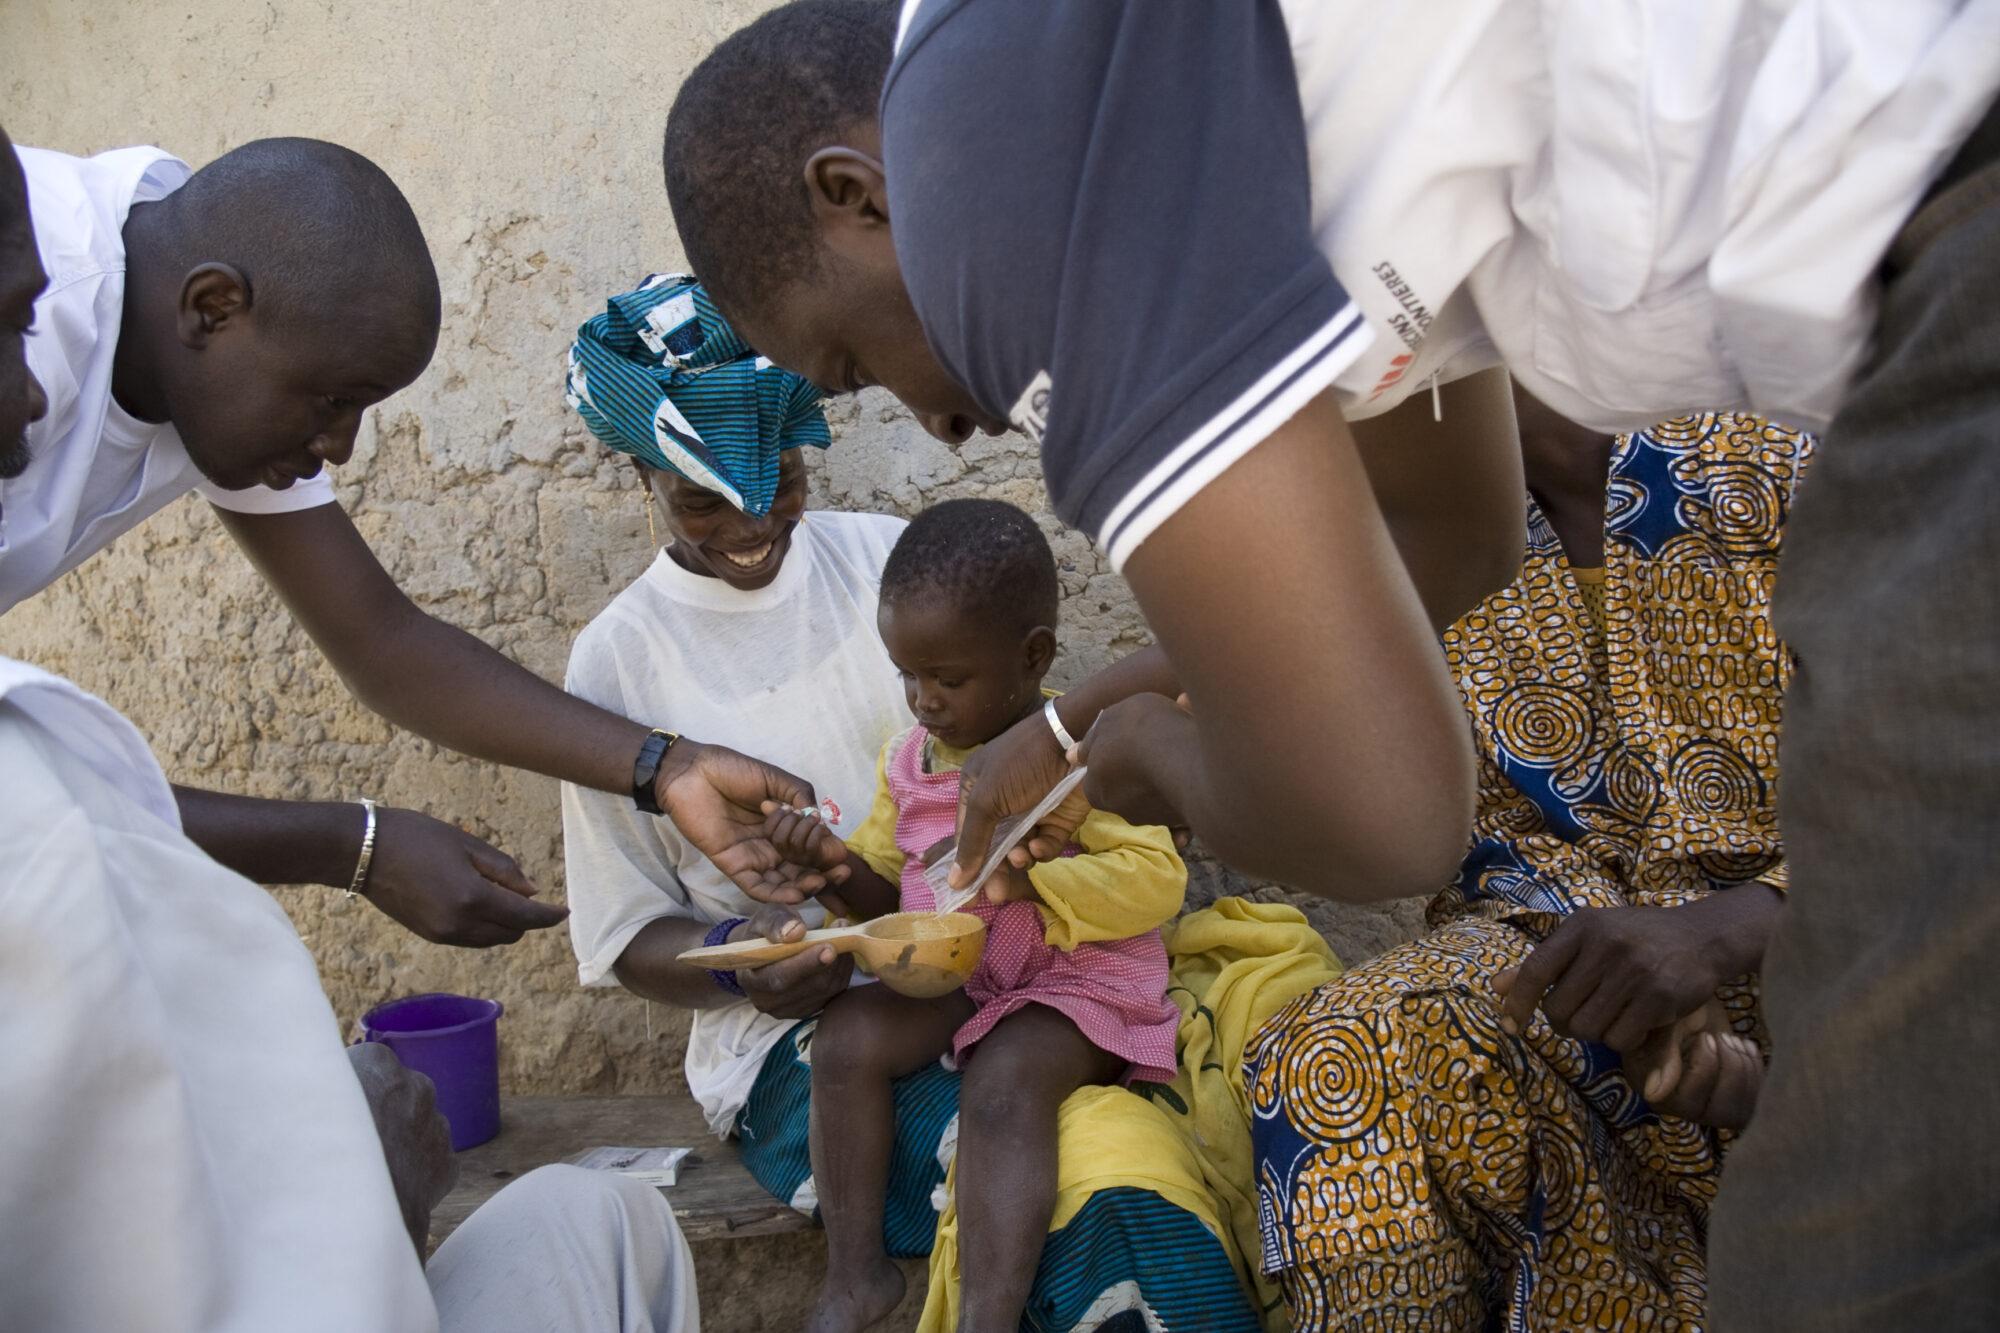 Äiti ja kaksi työntekijää auttavat pientä lasta ottamaan malarialääkkeen.